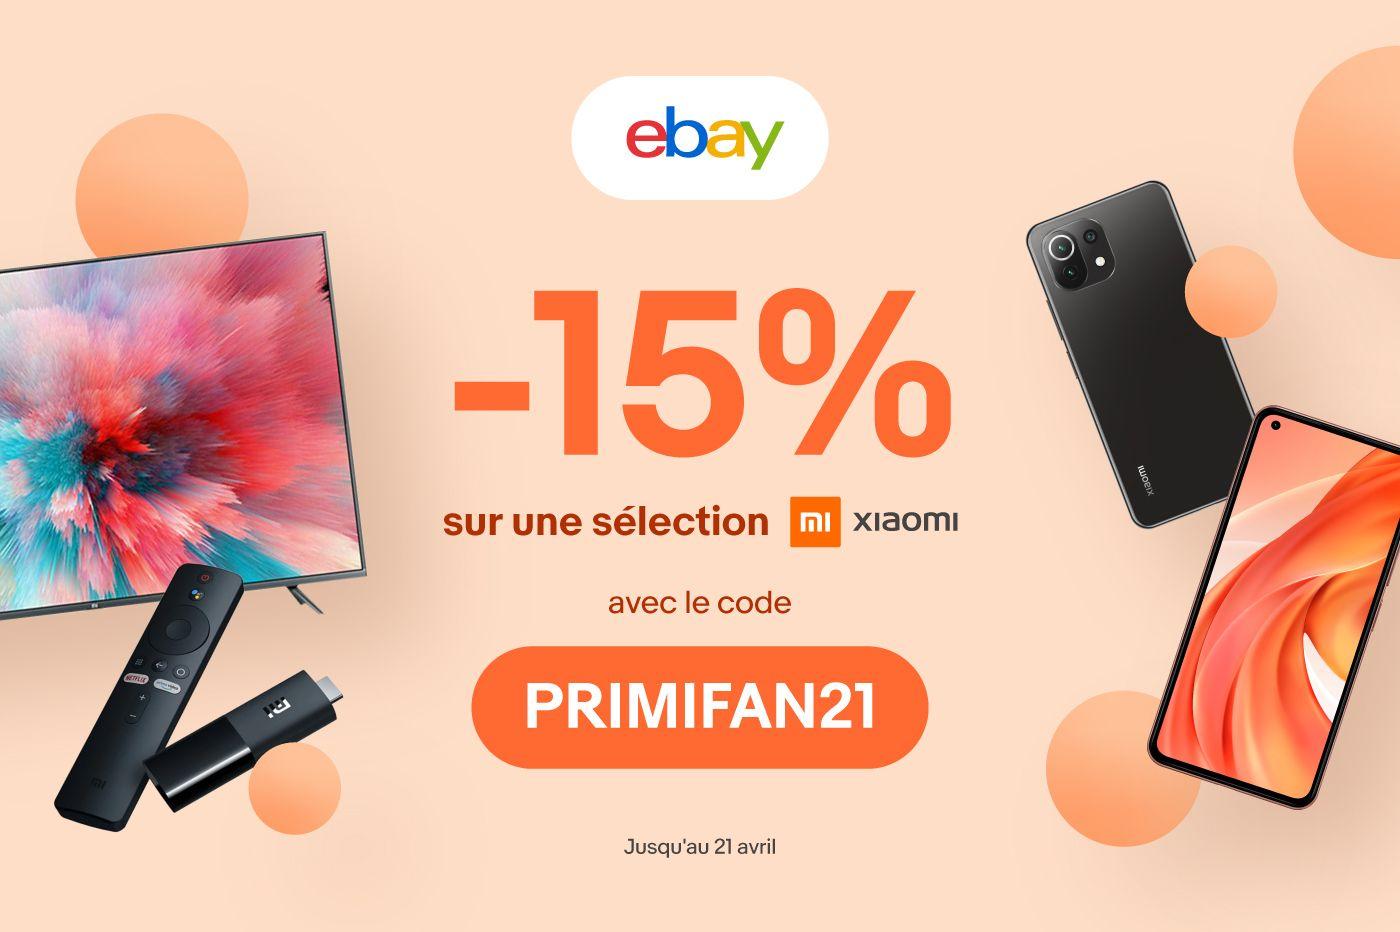 eBay : nouvelle vague de réductions sur les meilleurs produits Xiaomi